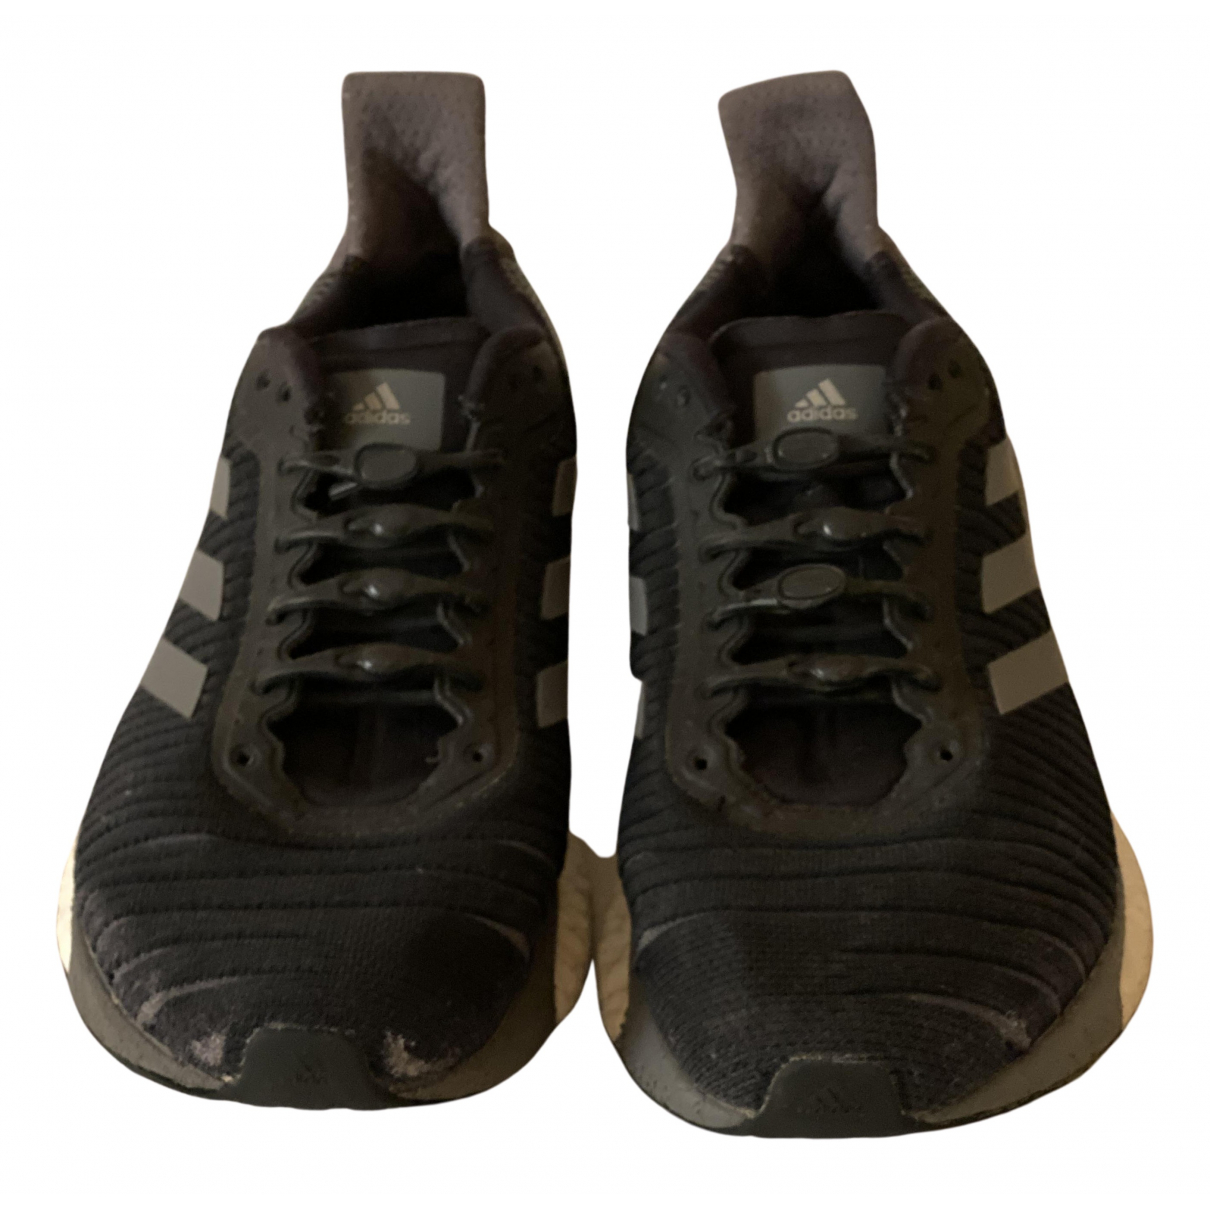 Adidas - Baskets PureBOOST pour enfant en toile - noir